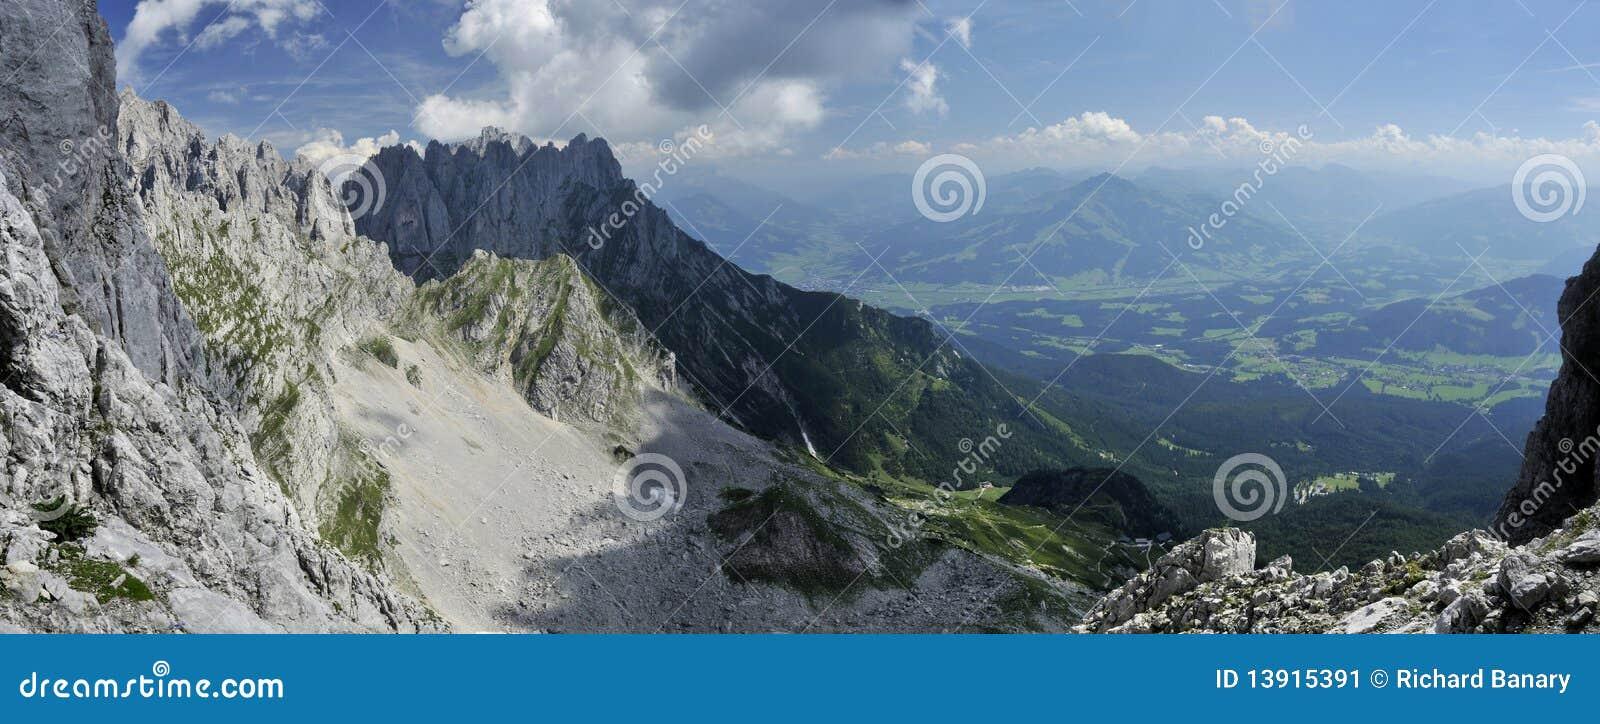 Kaiser plus sauvage en Autriche